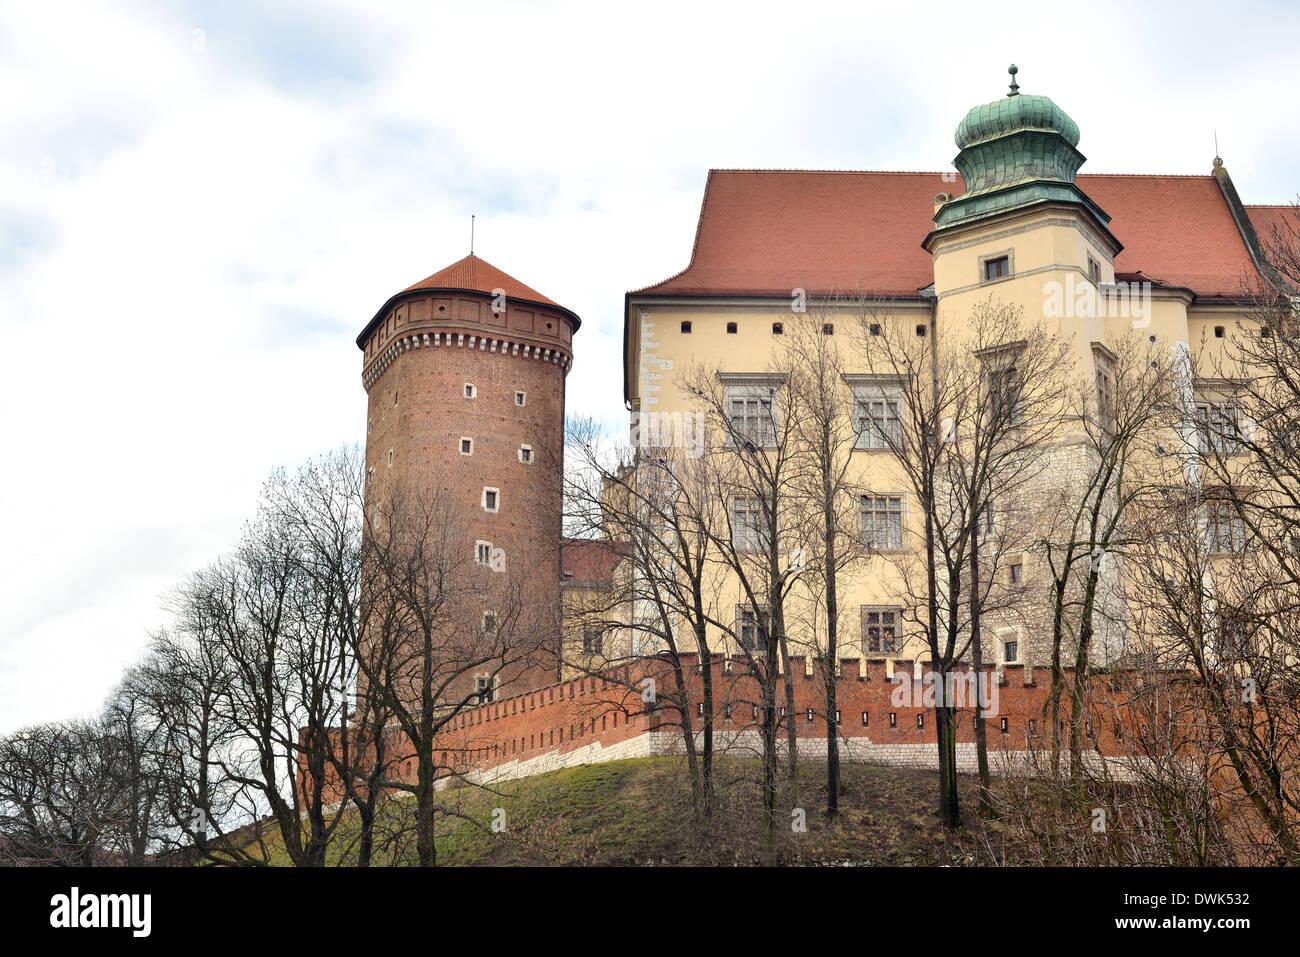 Senatorska Tower in the Royal Castle on Wawel Hill Zamek Królewski na Wawelu - Stock Image